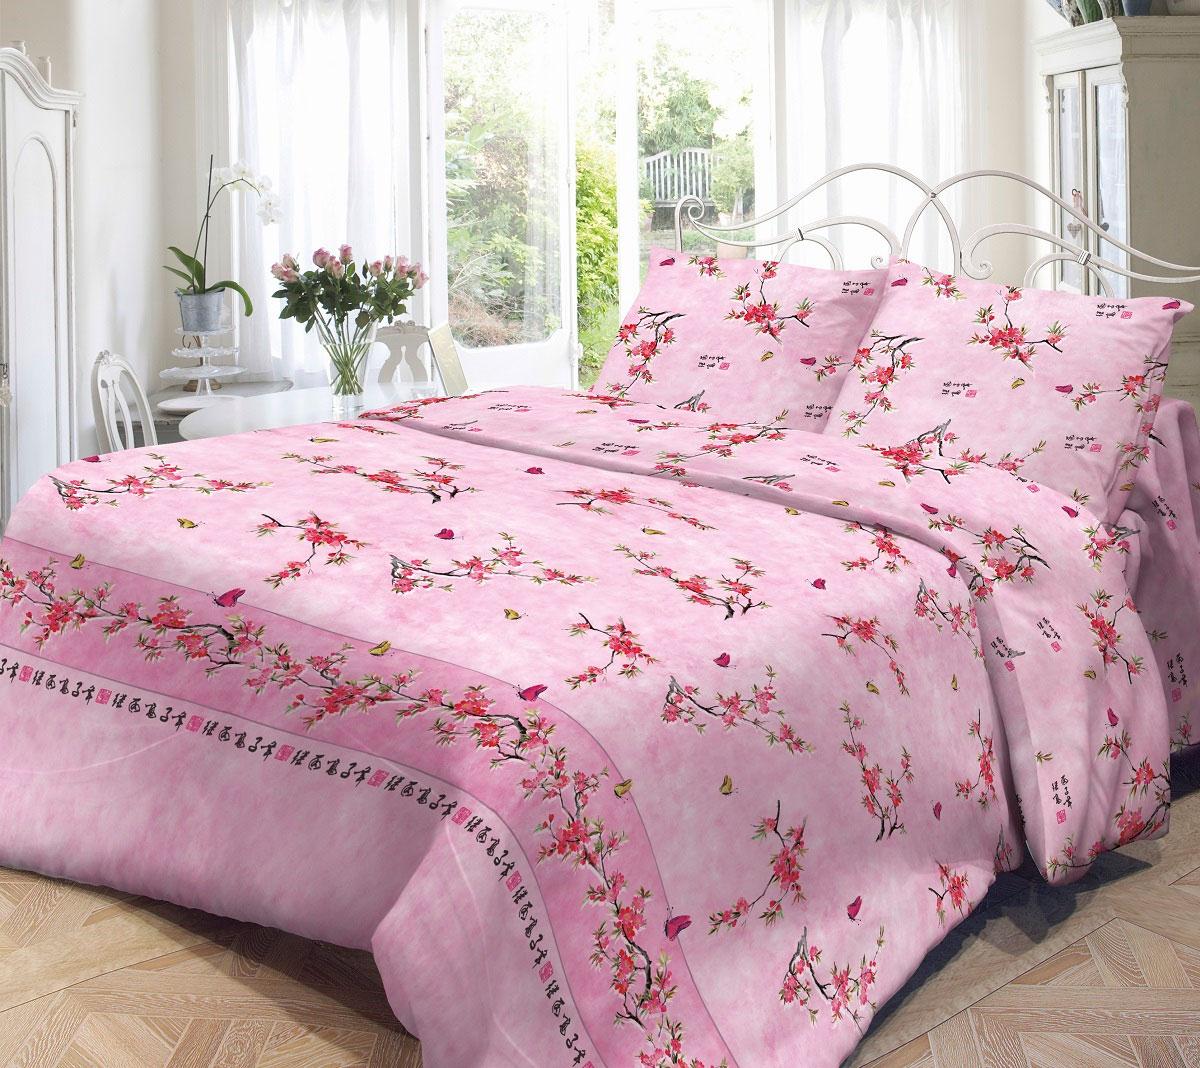 Комплект белья Нежность Наоми, 1,5-спальный, наволочки 50x70, цвет: розовый191482_наомиКомплект белья Нежность Наоми, изготовленный из бязи (100% хлопка), состоит из пододеяльника, простыни и двух наволочек. Бязевое постельное белье имеет самое простое полотняное переплетение из достаточно толстых, но мягких нитей. Стоит постельное белье из этой ткани не намного дороже поликоттона или полиэфира, но приятней на ощупь и лучше пропускает воздух. Благодаря современным технологиям окраски, белье не теряет свой цвет даже после множества стирок. Рекомендации по уходу: - стирка при температуре не более 60°С; - не отбеливать; - можно гладить; - химчистка запрещена.